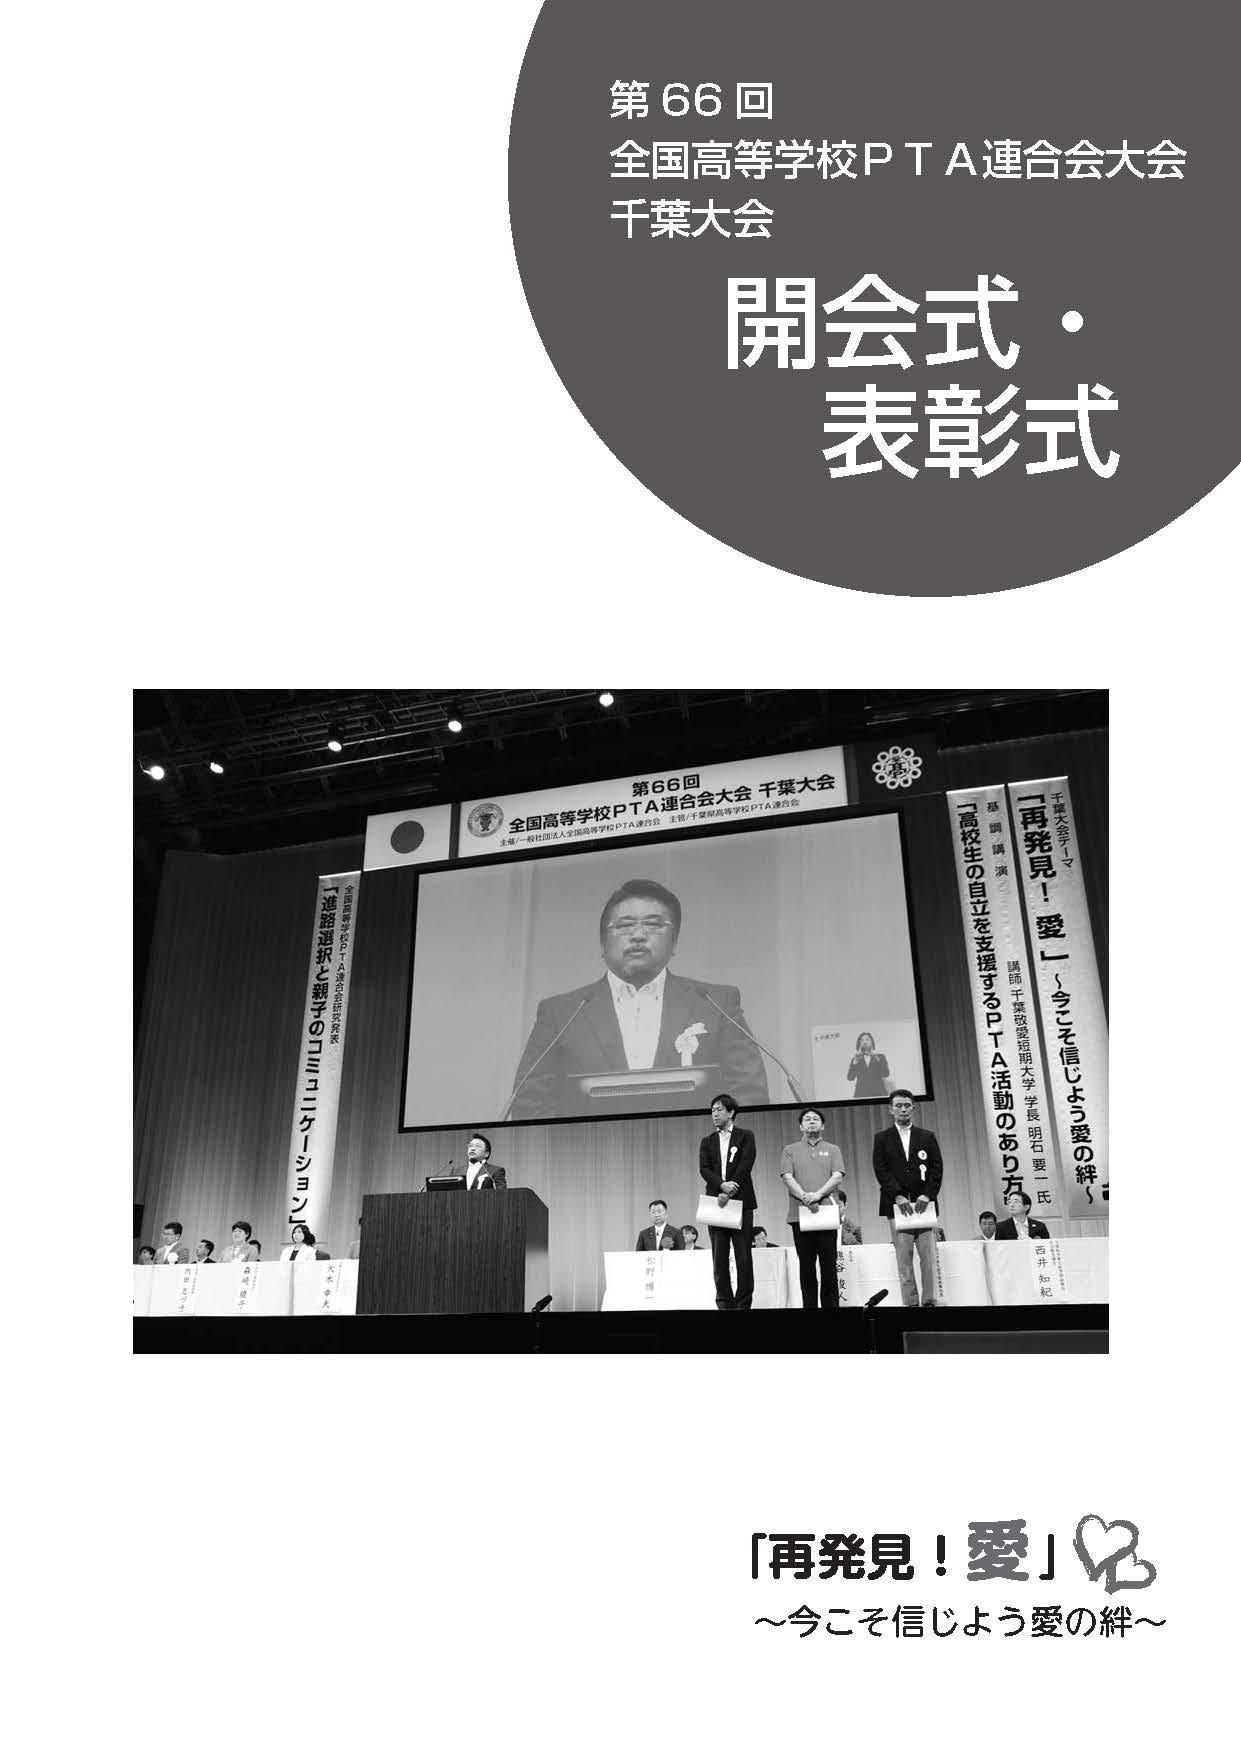 千葉大会会報 基調講演・記念公演